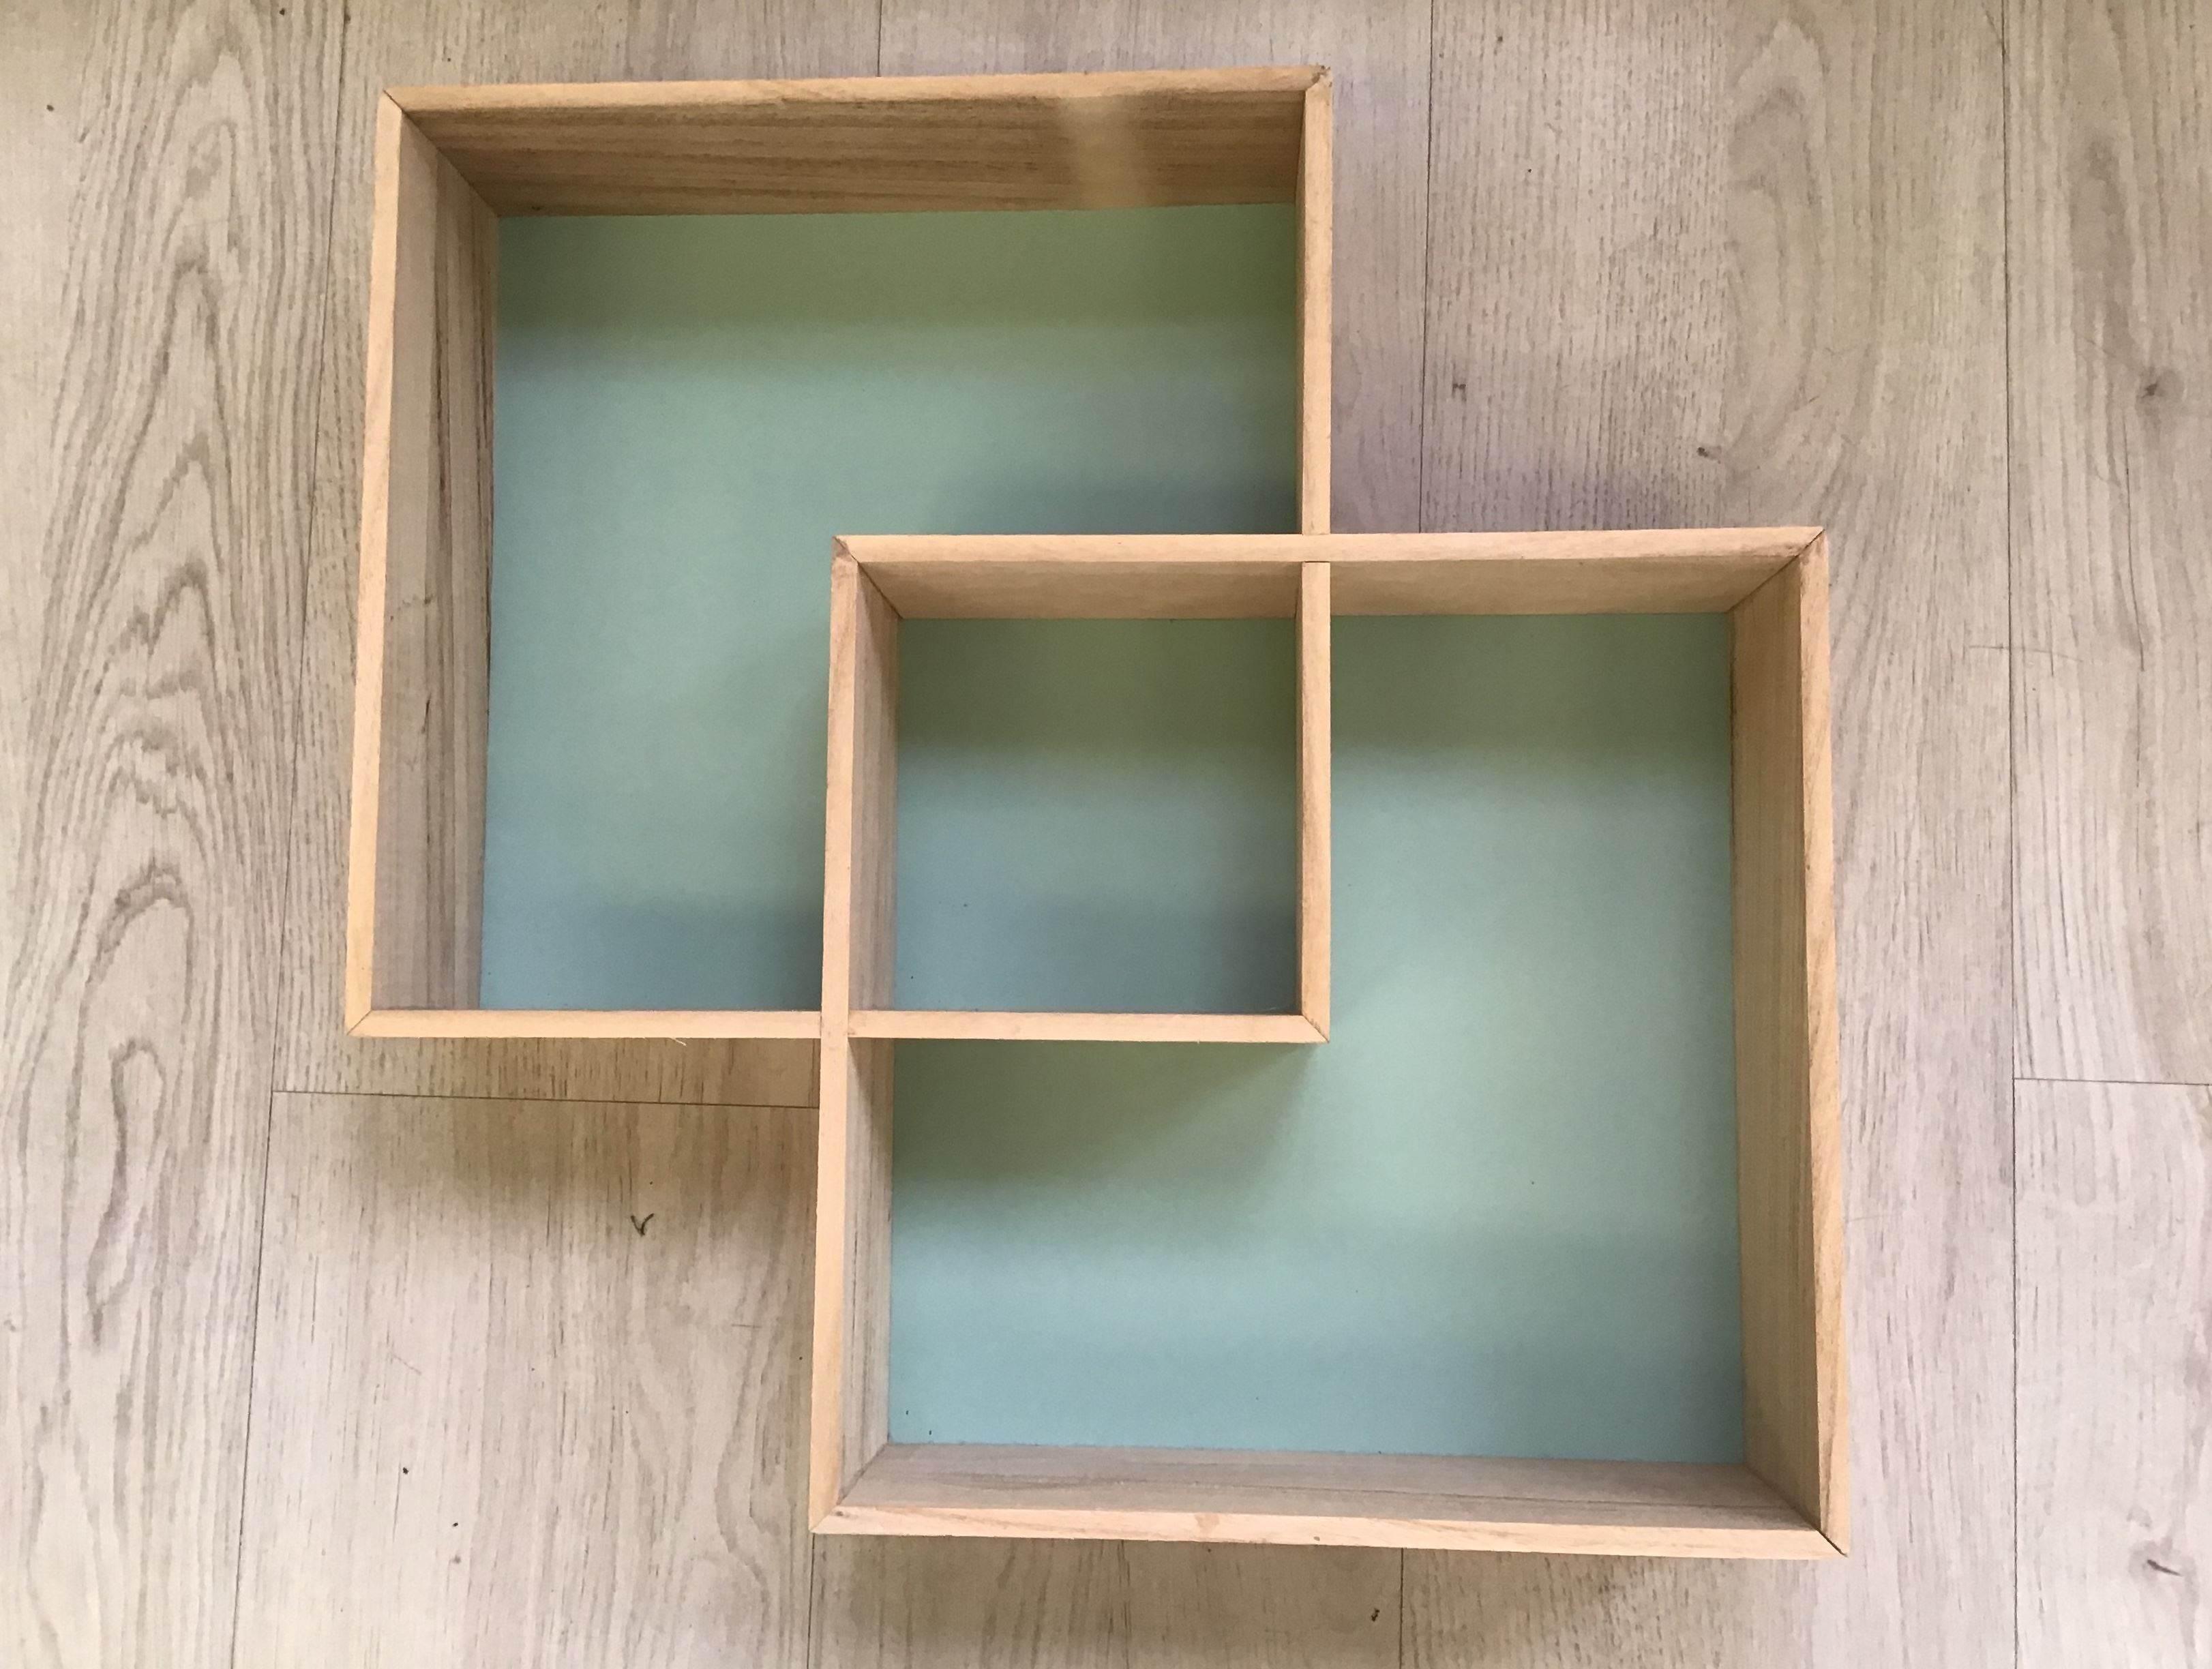 Estanteria pared madera 45x45x9